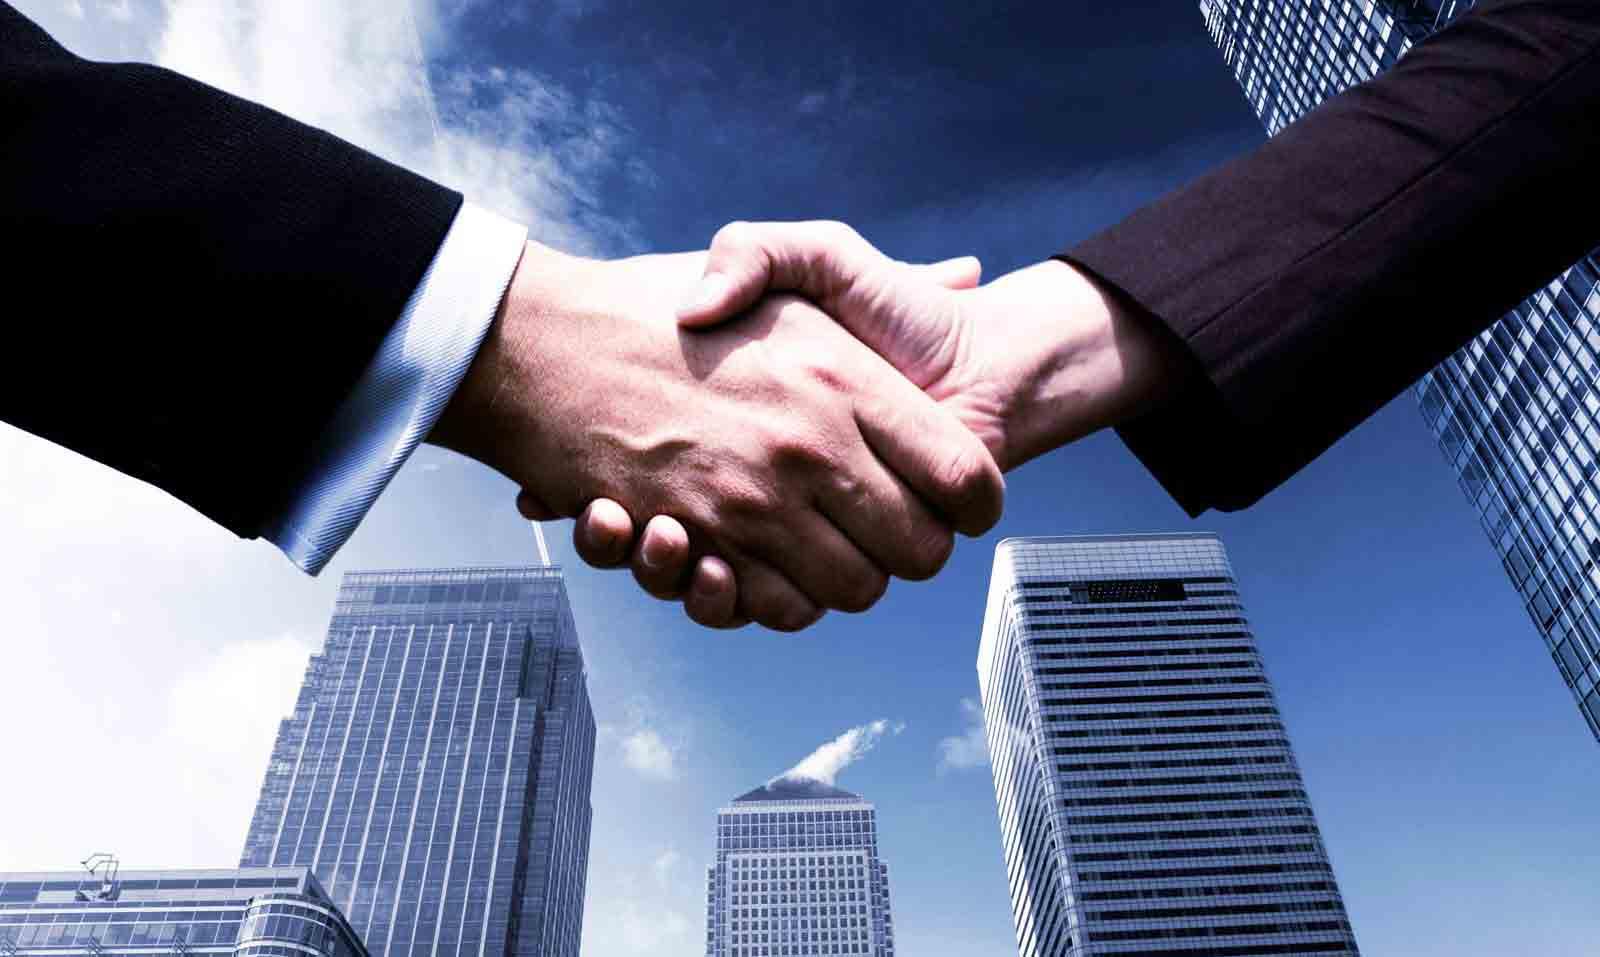 نکات مهم در تجارت و بازاریابی